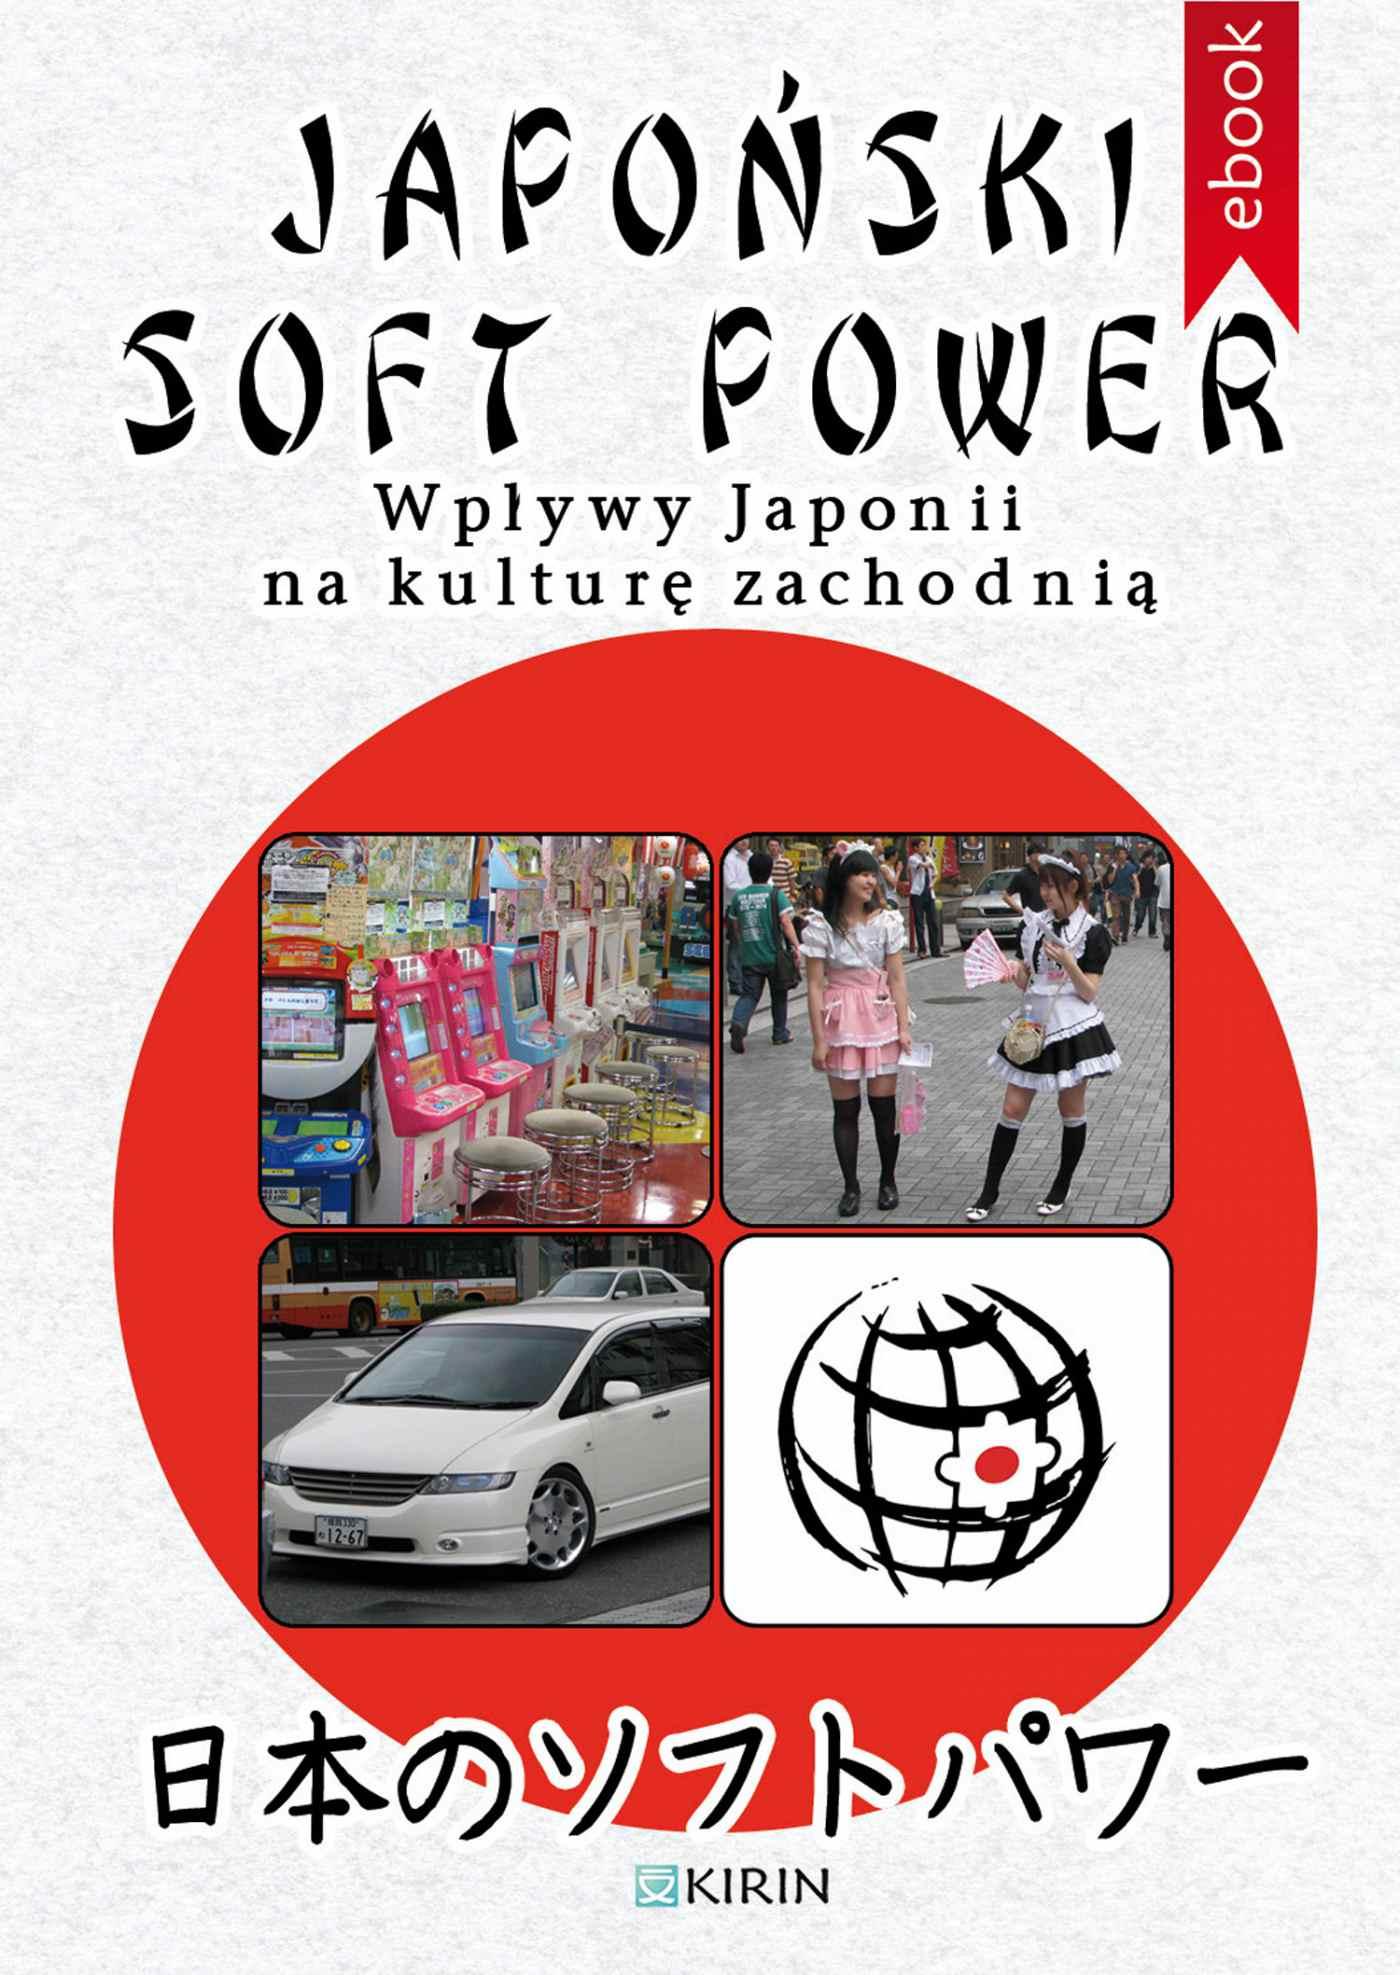 Japoński soft power. Wpływy Japonii na kulturę zachodnią - Ebook (Książka EPUB) do pobrania w formacie EPUB